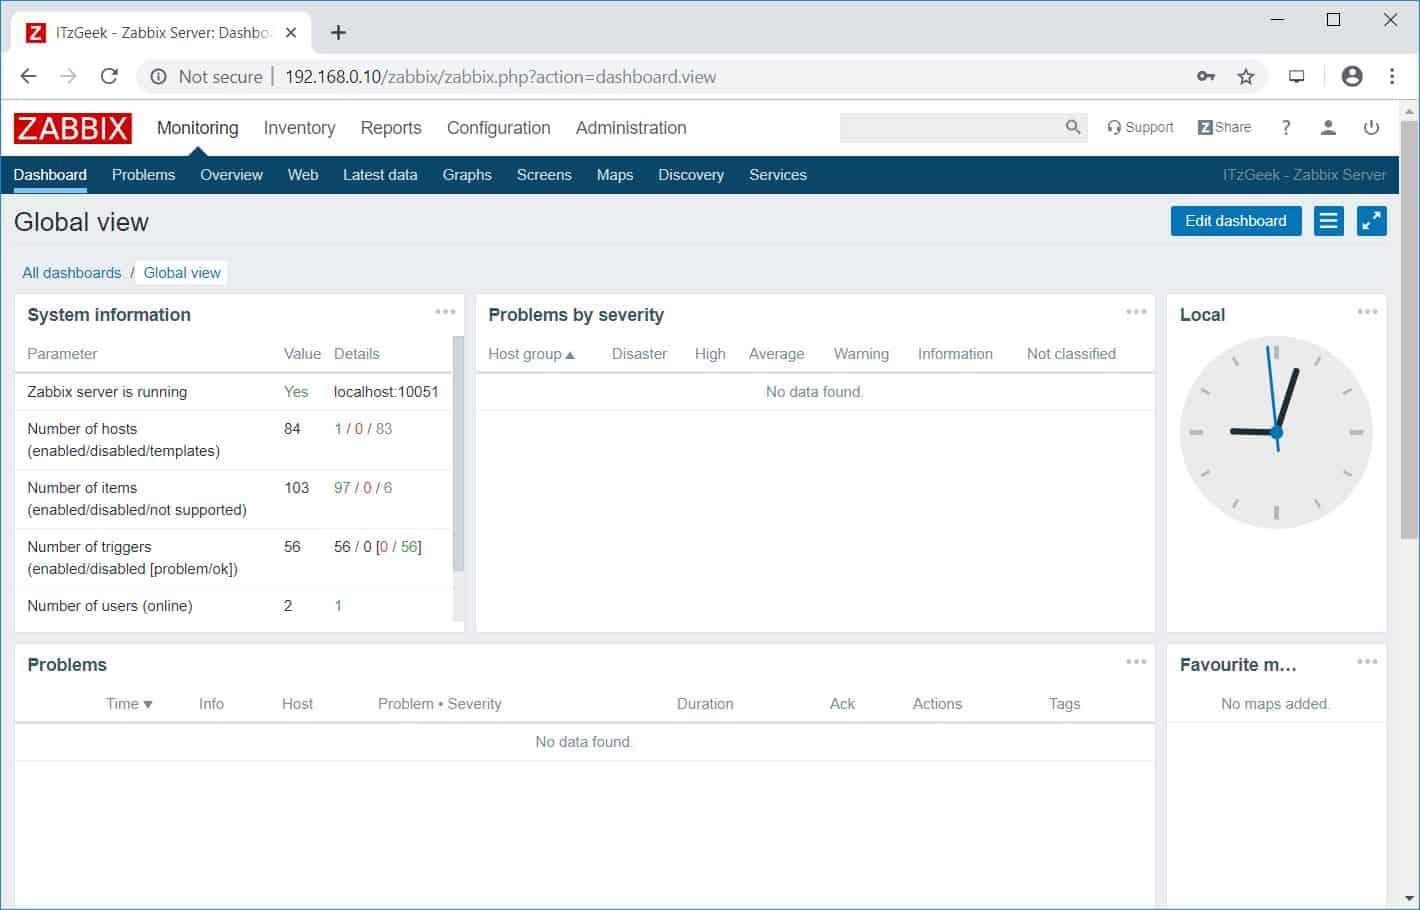 Zabbix 4.0 Dashboard